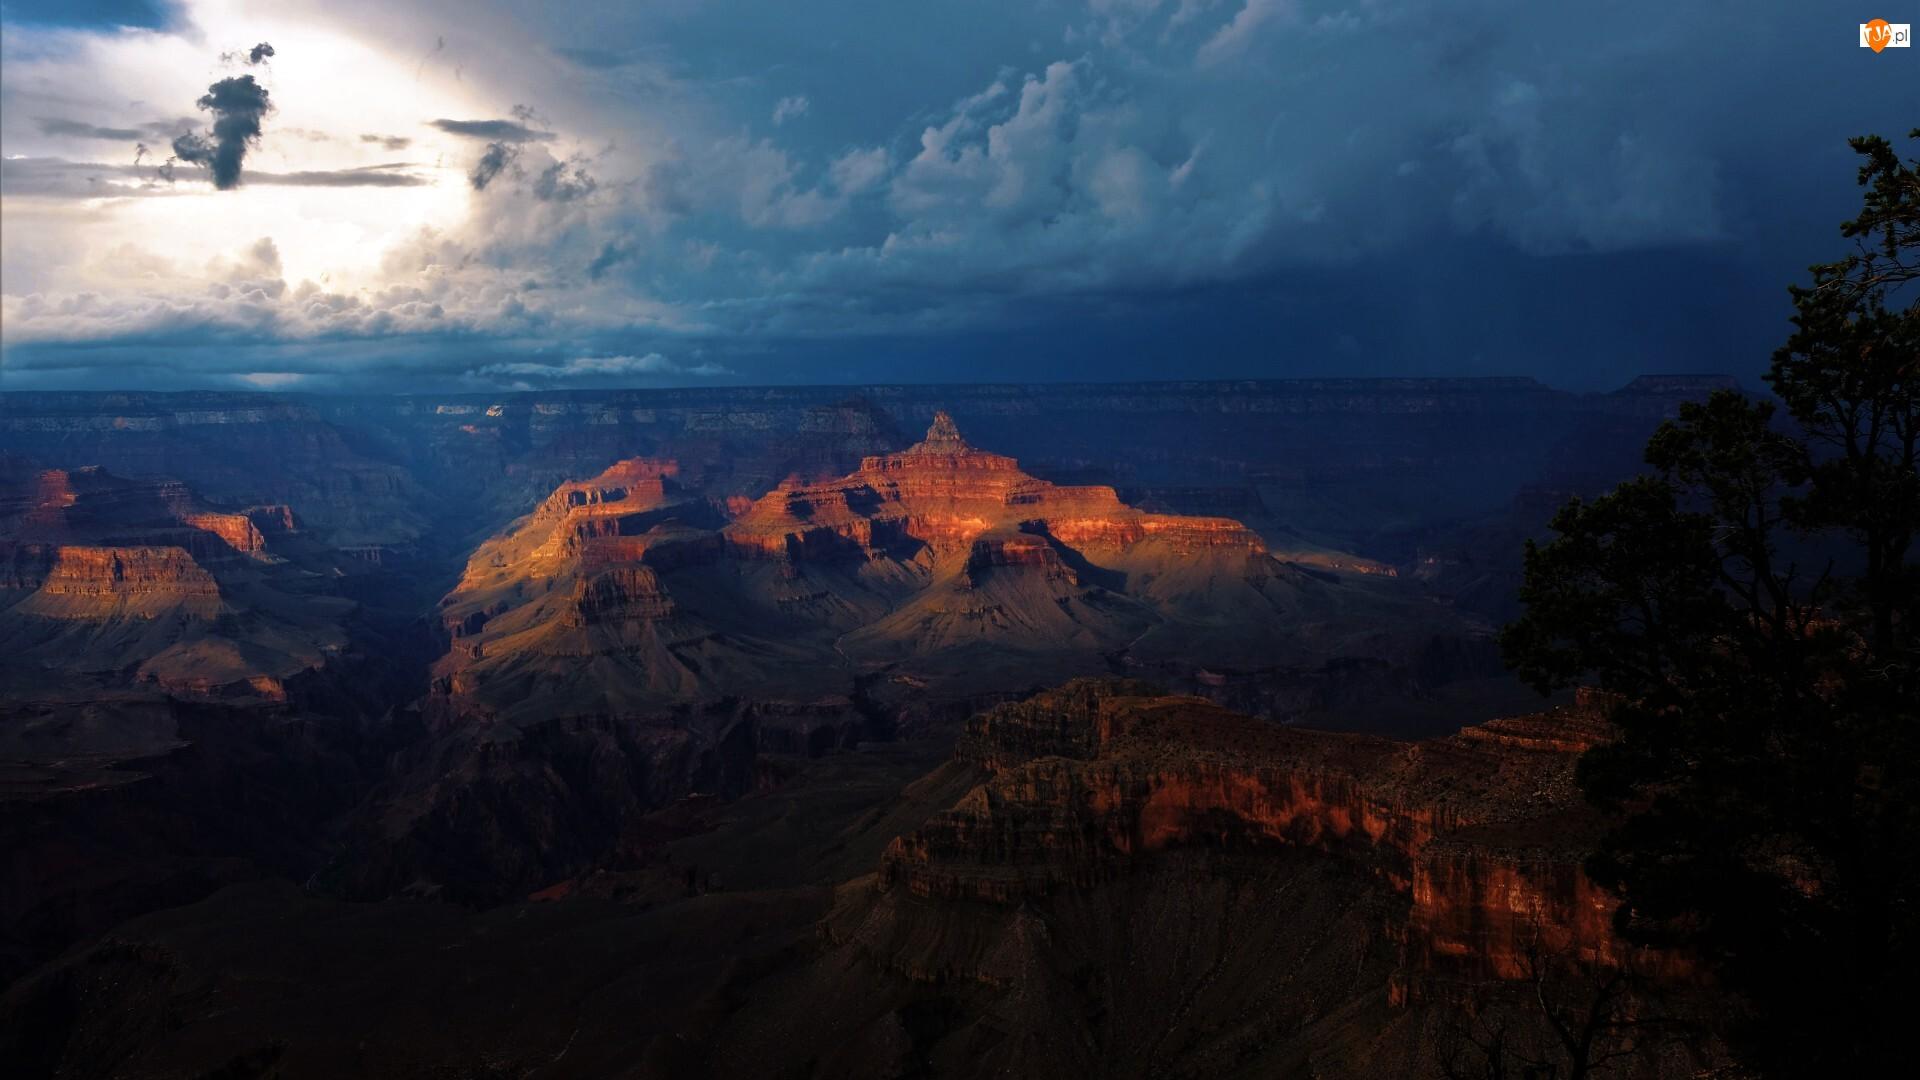 Grand Canyon, Wielki Kanion Kolorado, Stany Zjednoczone, Park Narodowy Wielkiego Kanionu, Arizona, Chmury, Góry